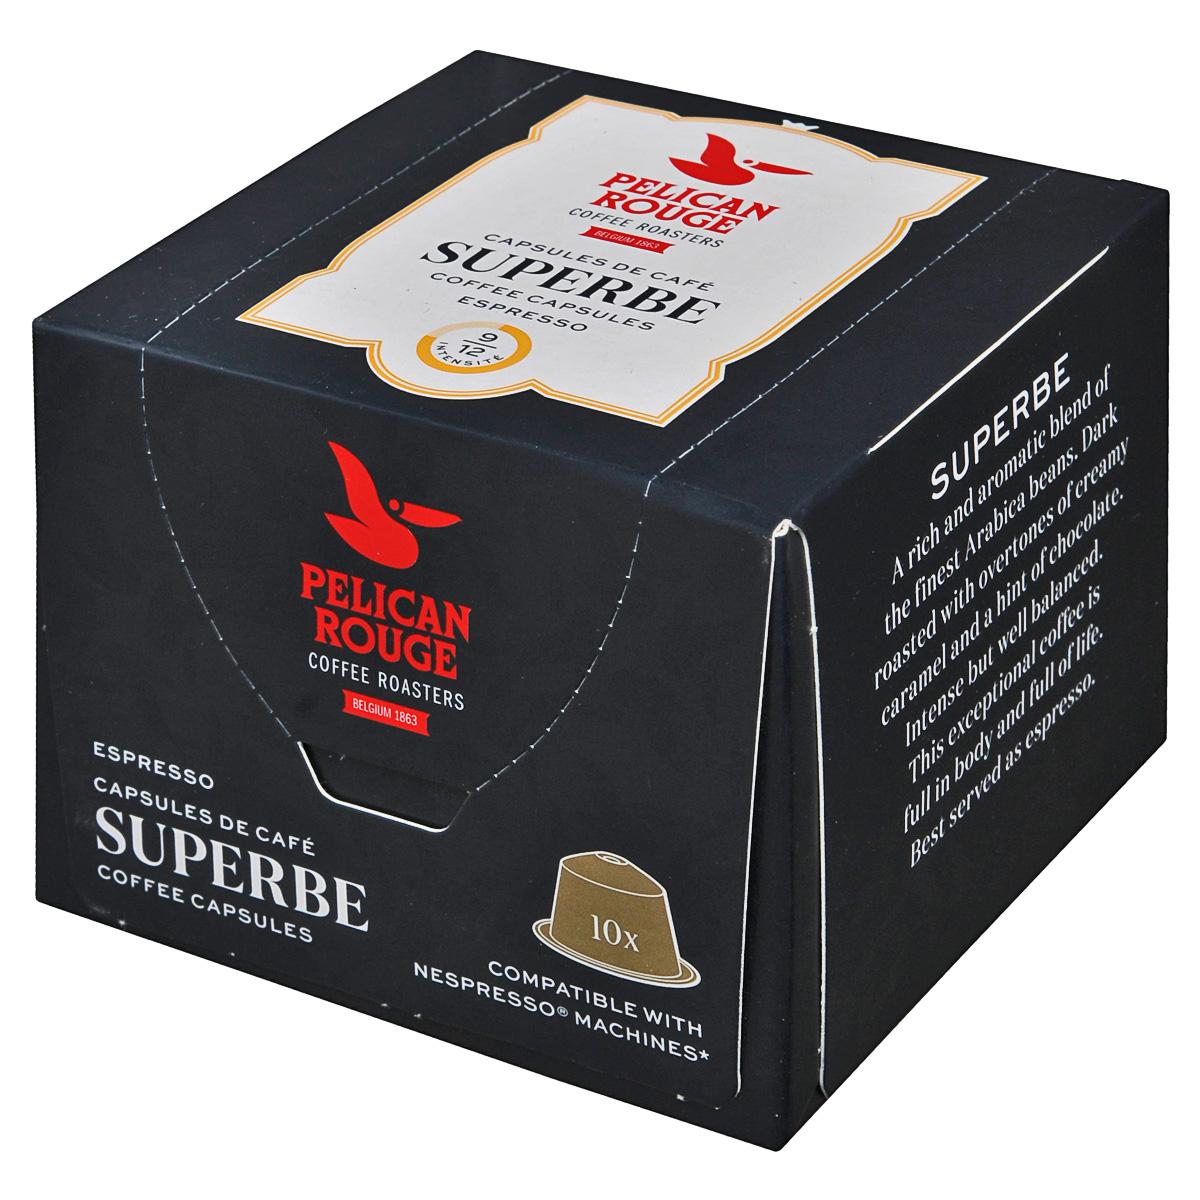 Pelican Rouge Superbe кофе в капсулах, 10 шт101246Pelican Rouge Superbe - темно-обжаренный кофе с обертонами сливочной карамели и намеком на шоколад. Интенсивный, но хорошо сбалансированный кофе.